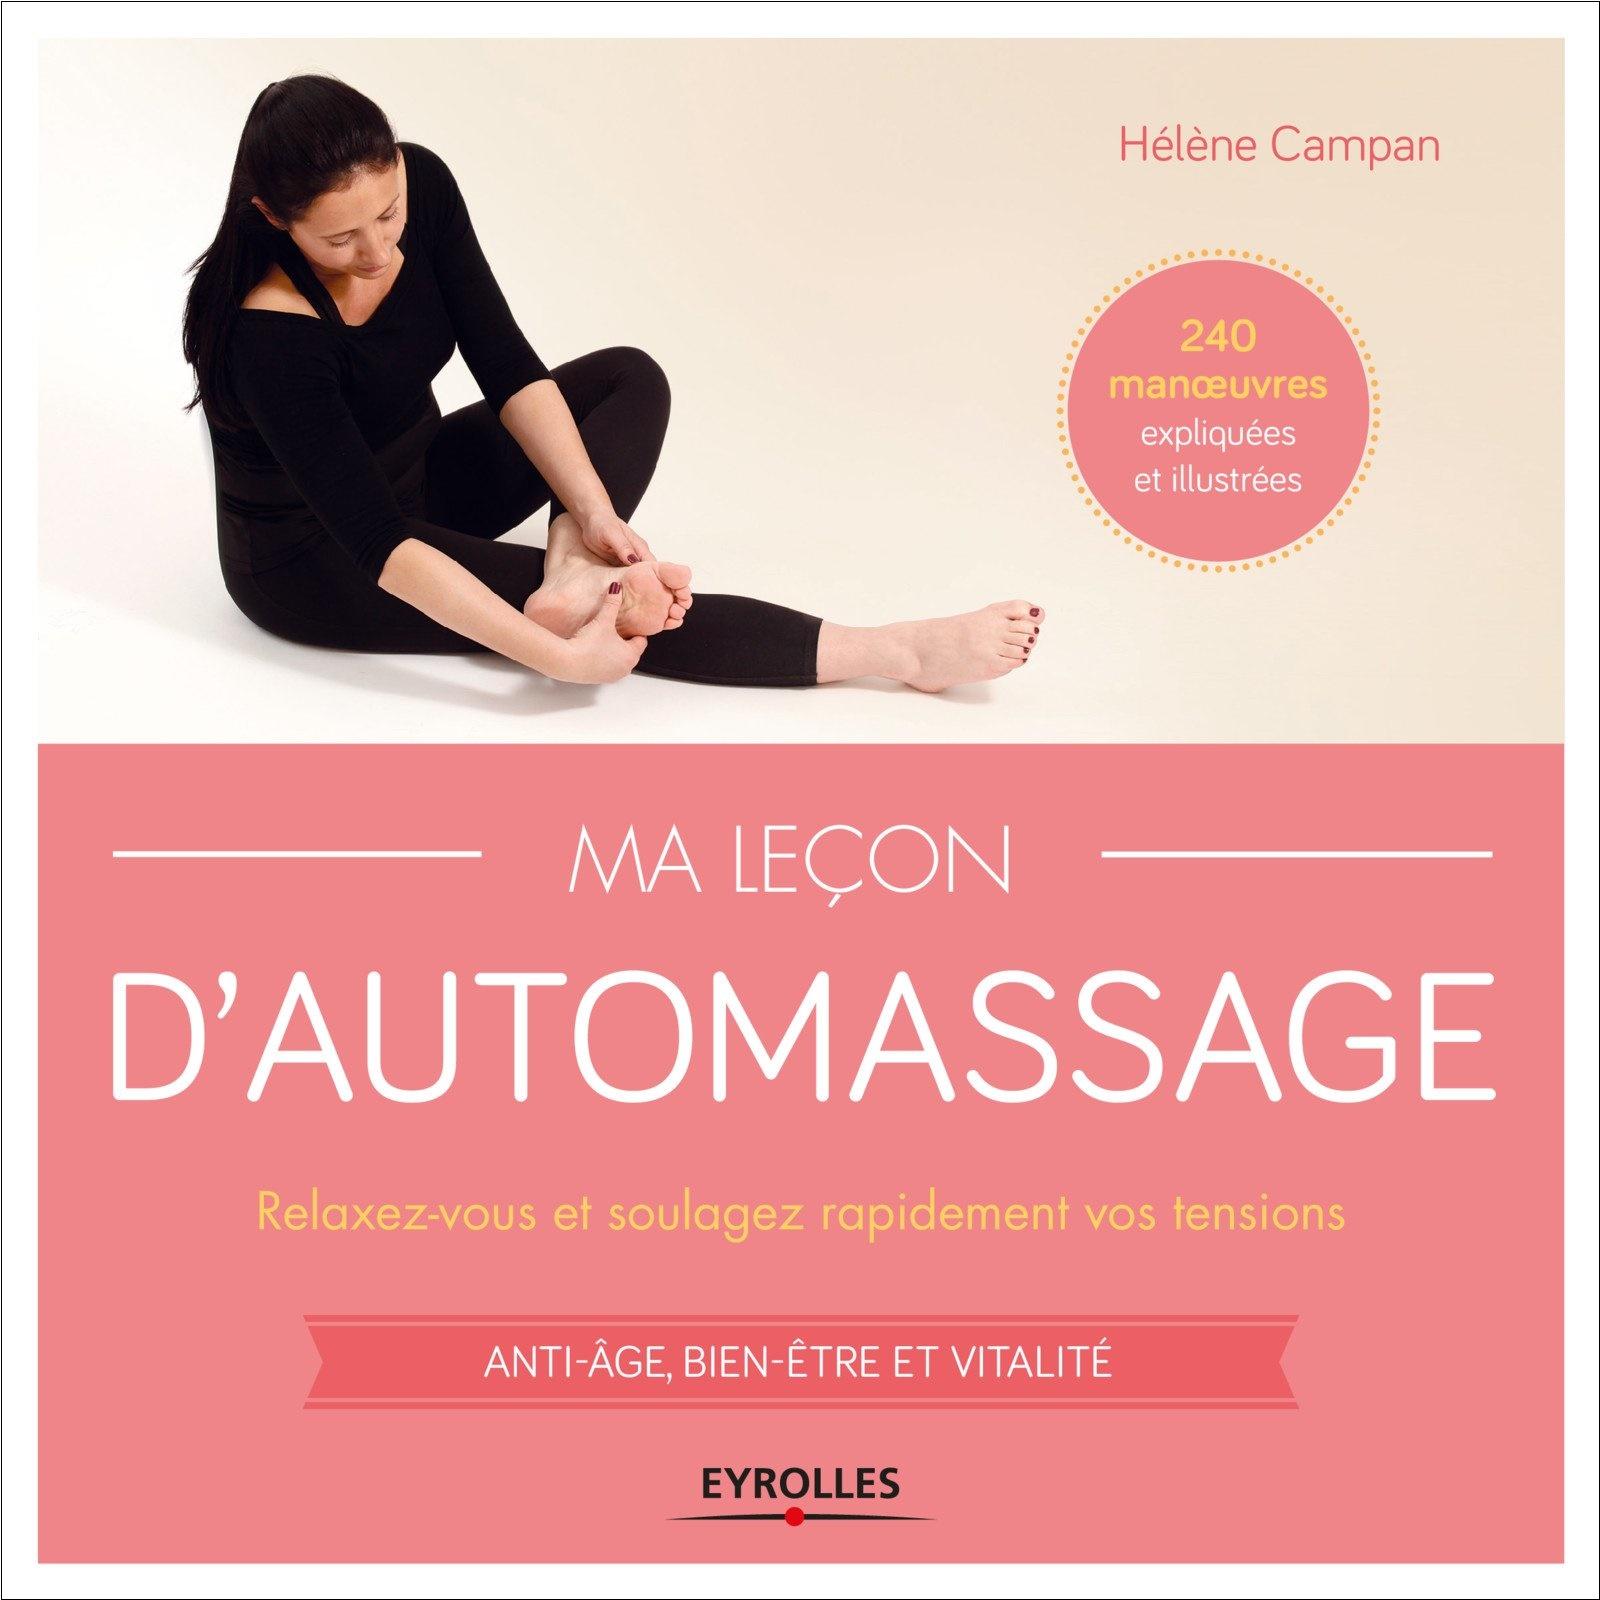 télécharger Ma leçon d'automassage : Relaxez-vous et soulagez rapidement vos tensions